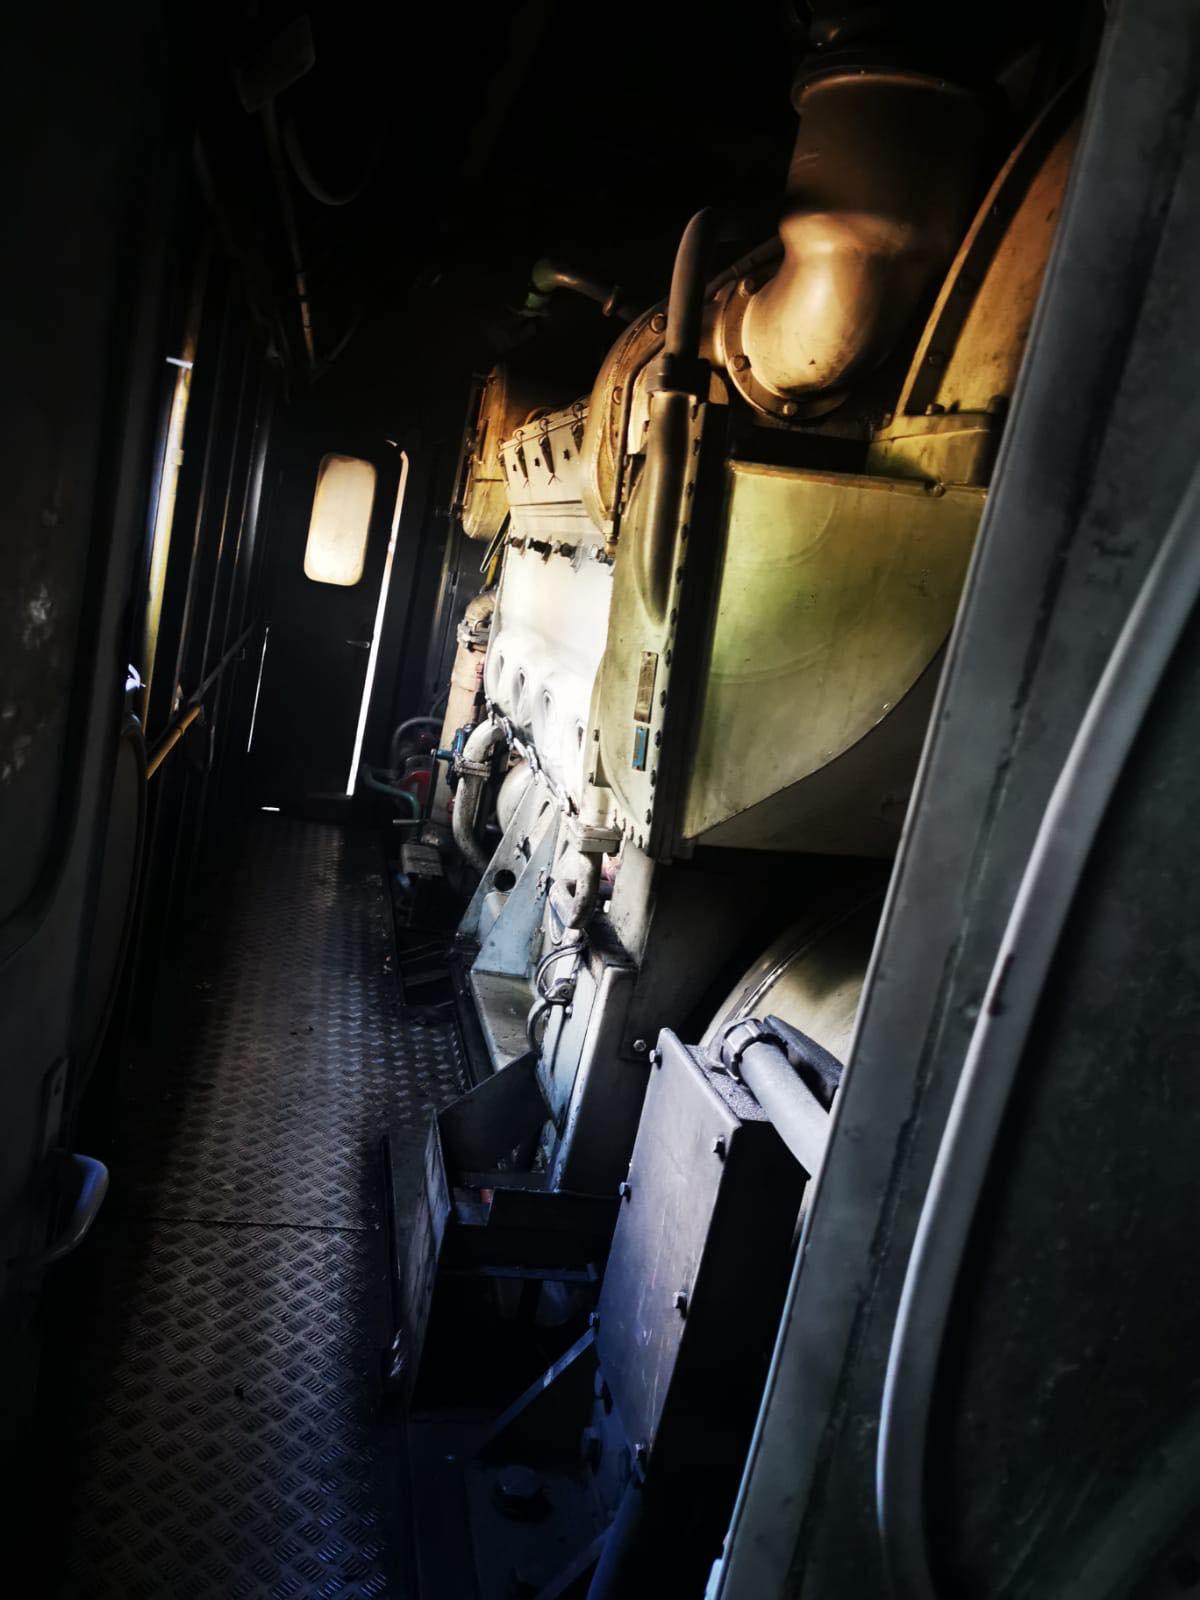 ACUM – O locomotivă a luat foc în gara din Găești. Cei 80 de călători sunt în afara pericolului